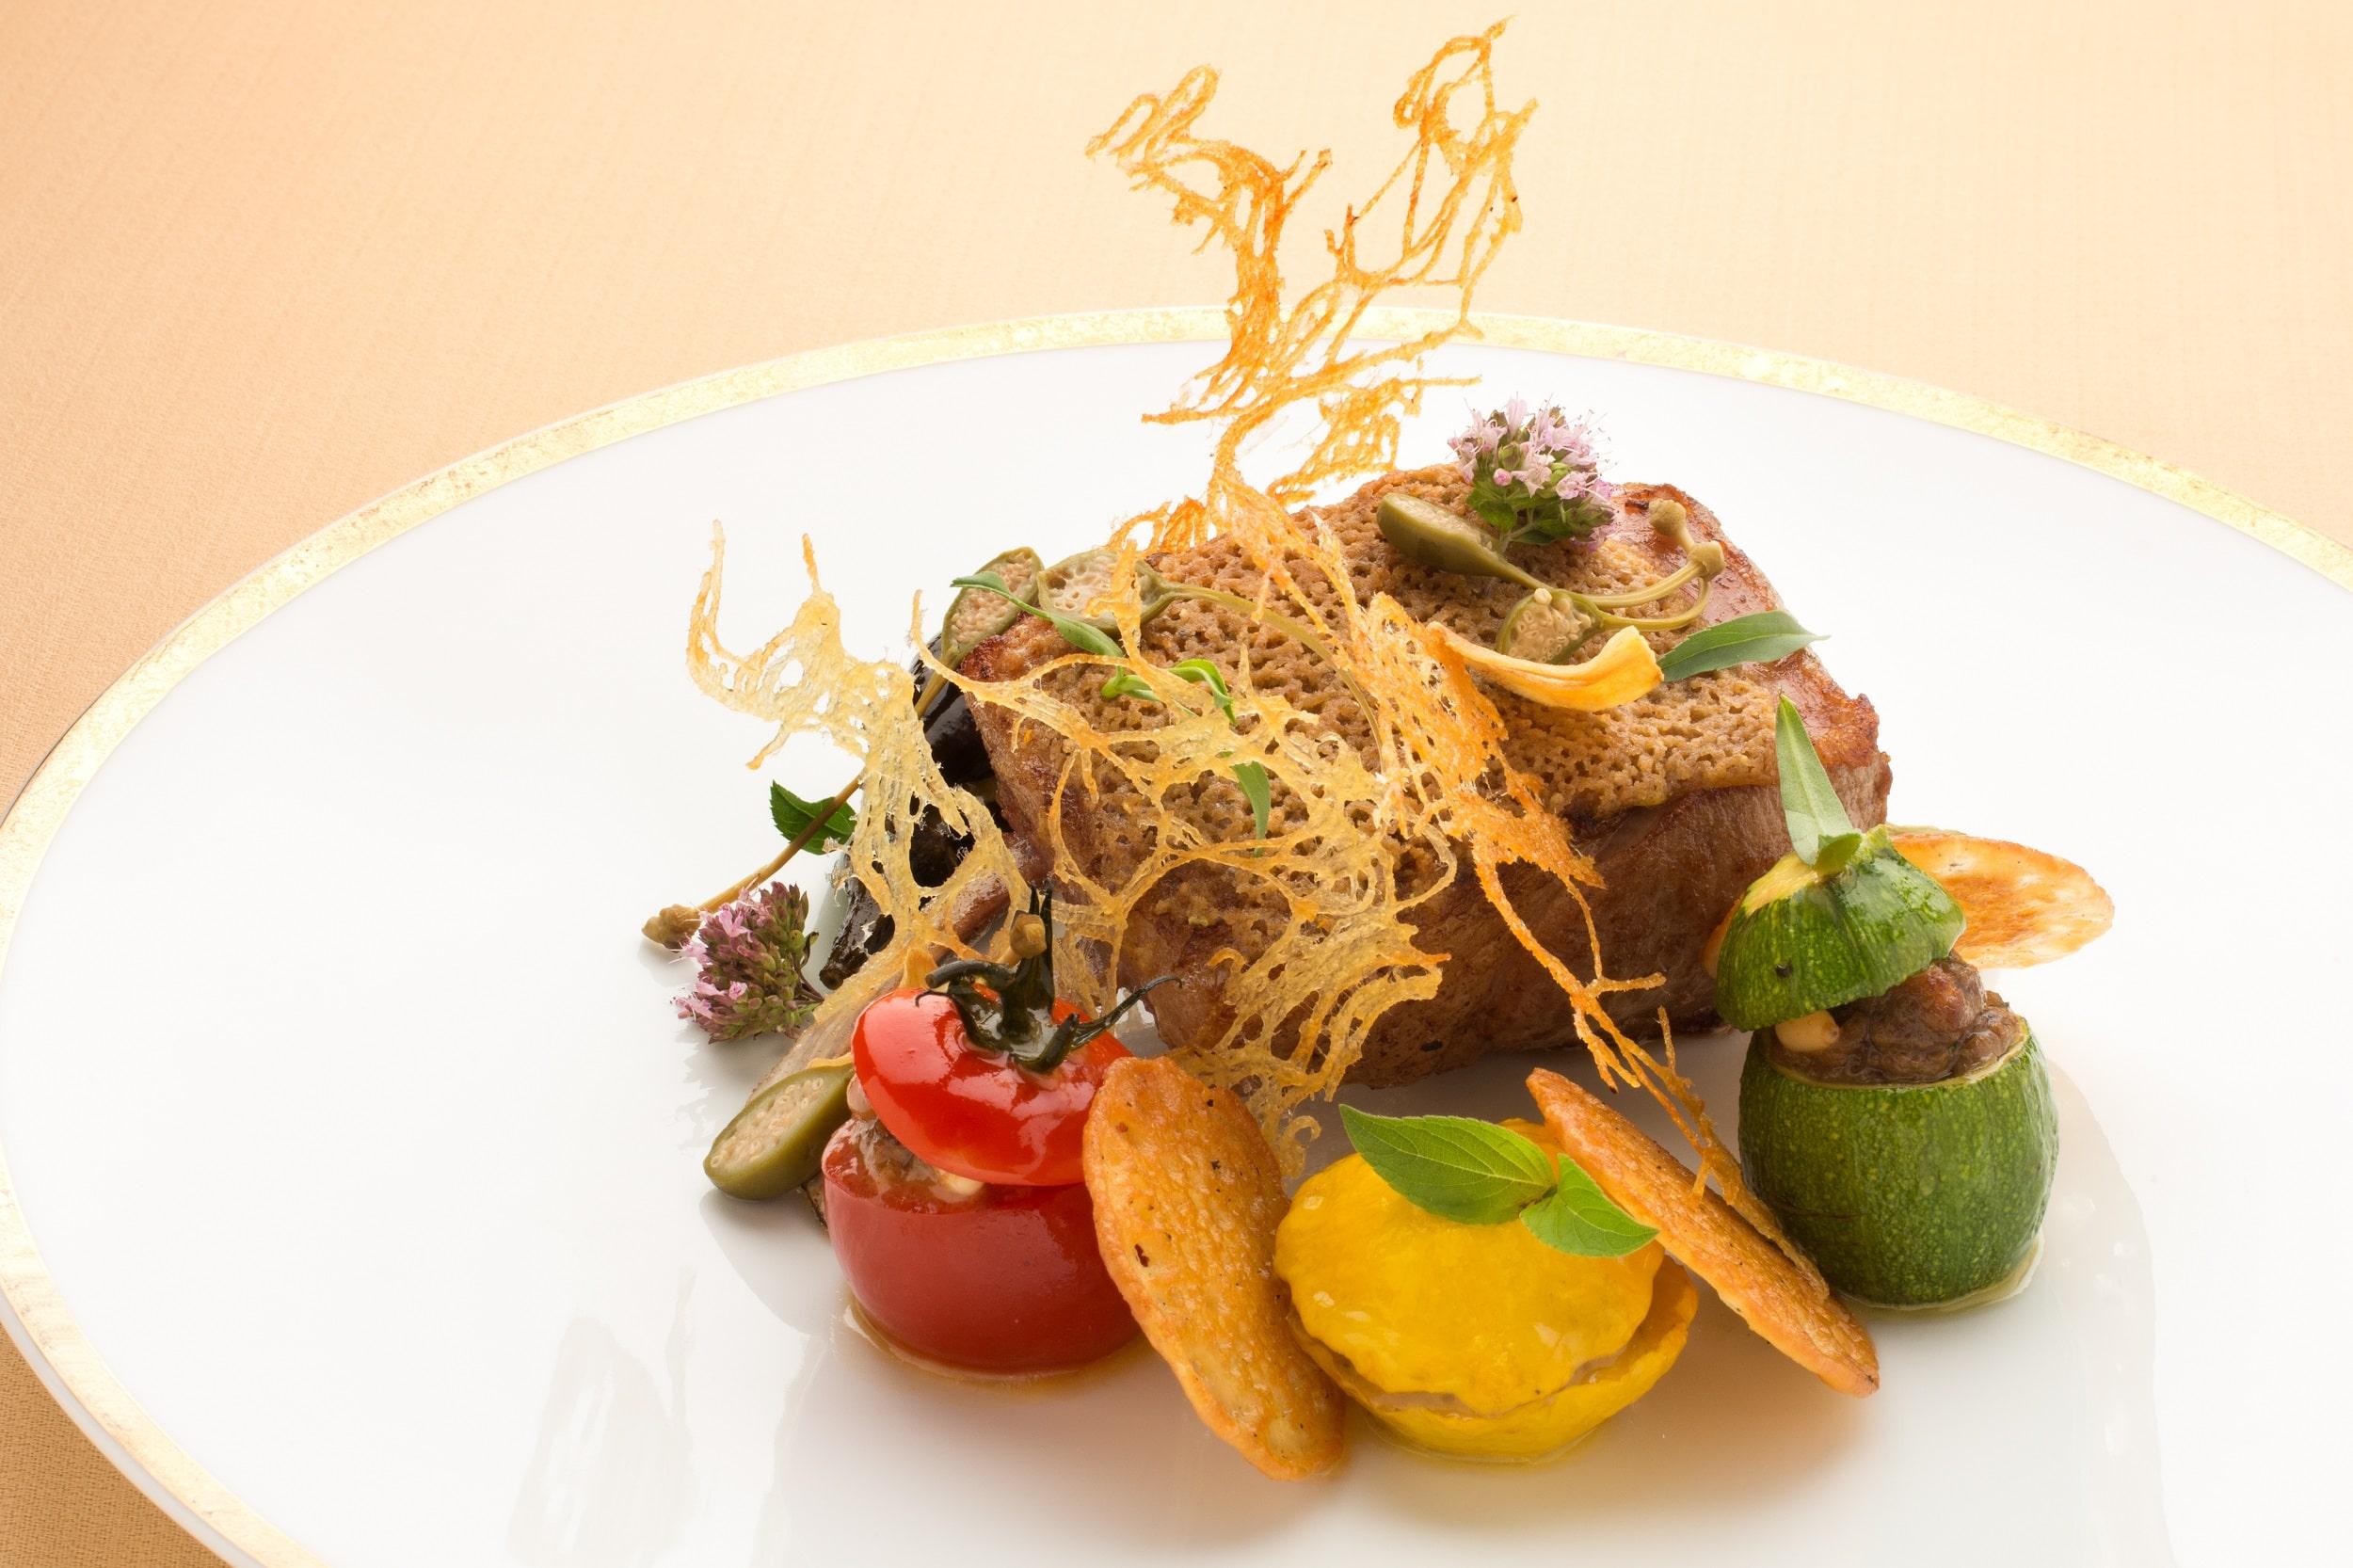 Selle d'agneau, viennoise d'olive et petits farcis niçois.